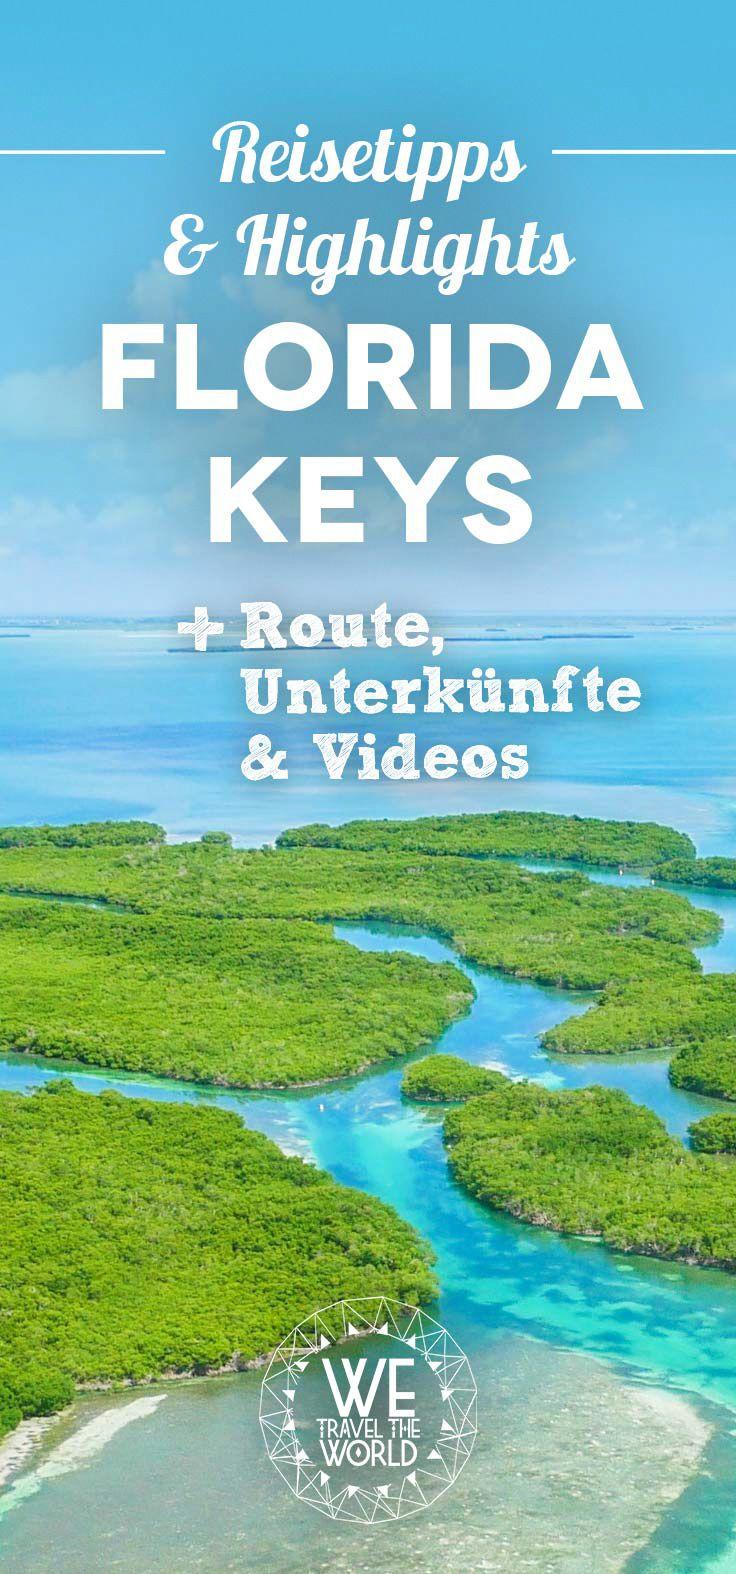 USA Reise – die besten Florida Keys Tipps, Sehenswürdigkeiten und Highlights. Inklusive unserer Florida Keys Hotels und Videos zu unserem Trip